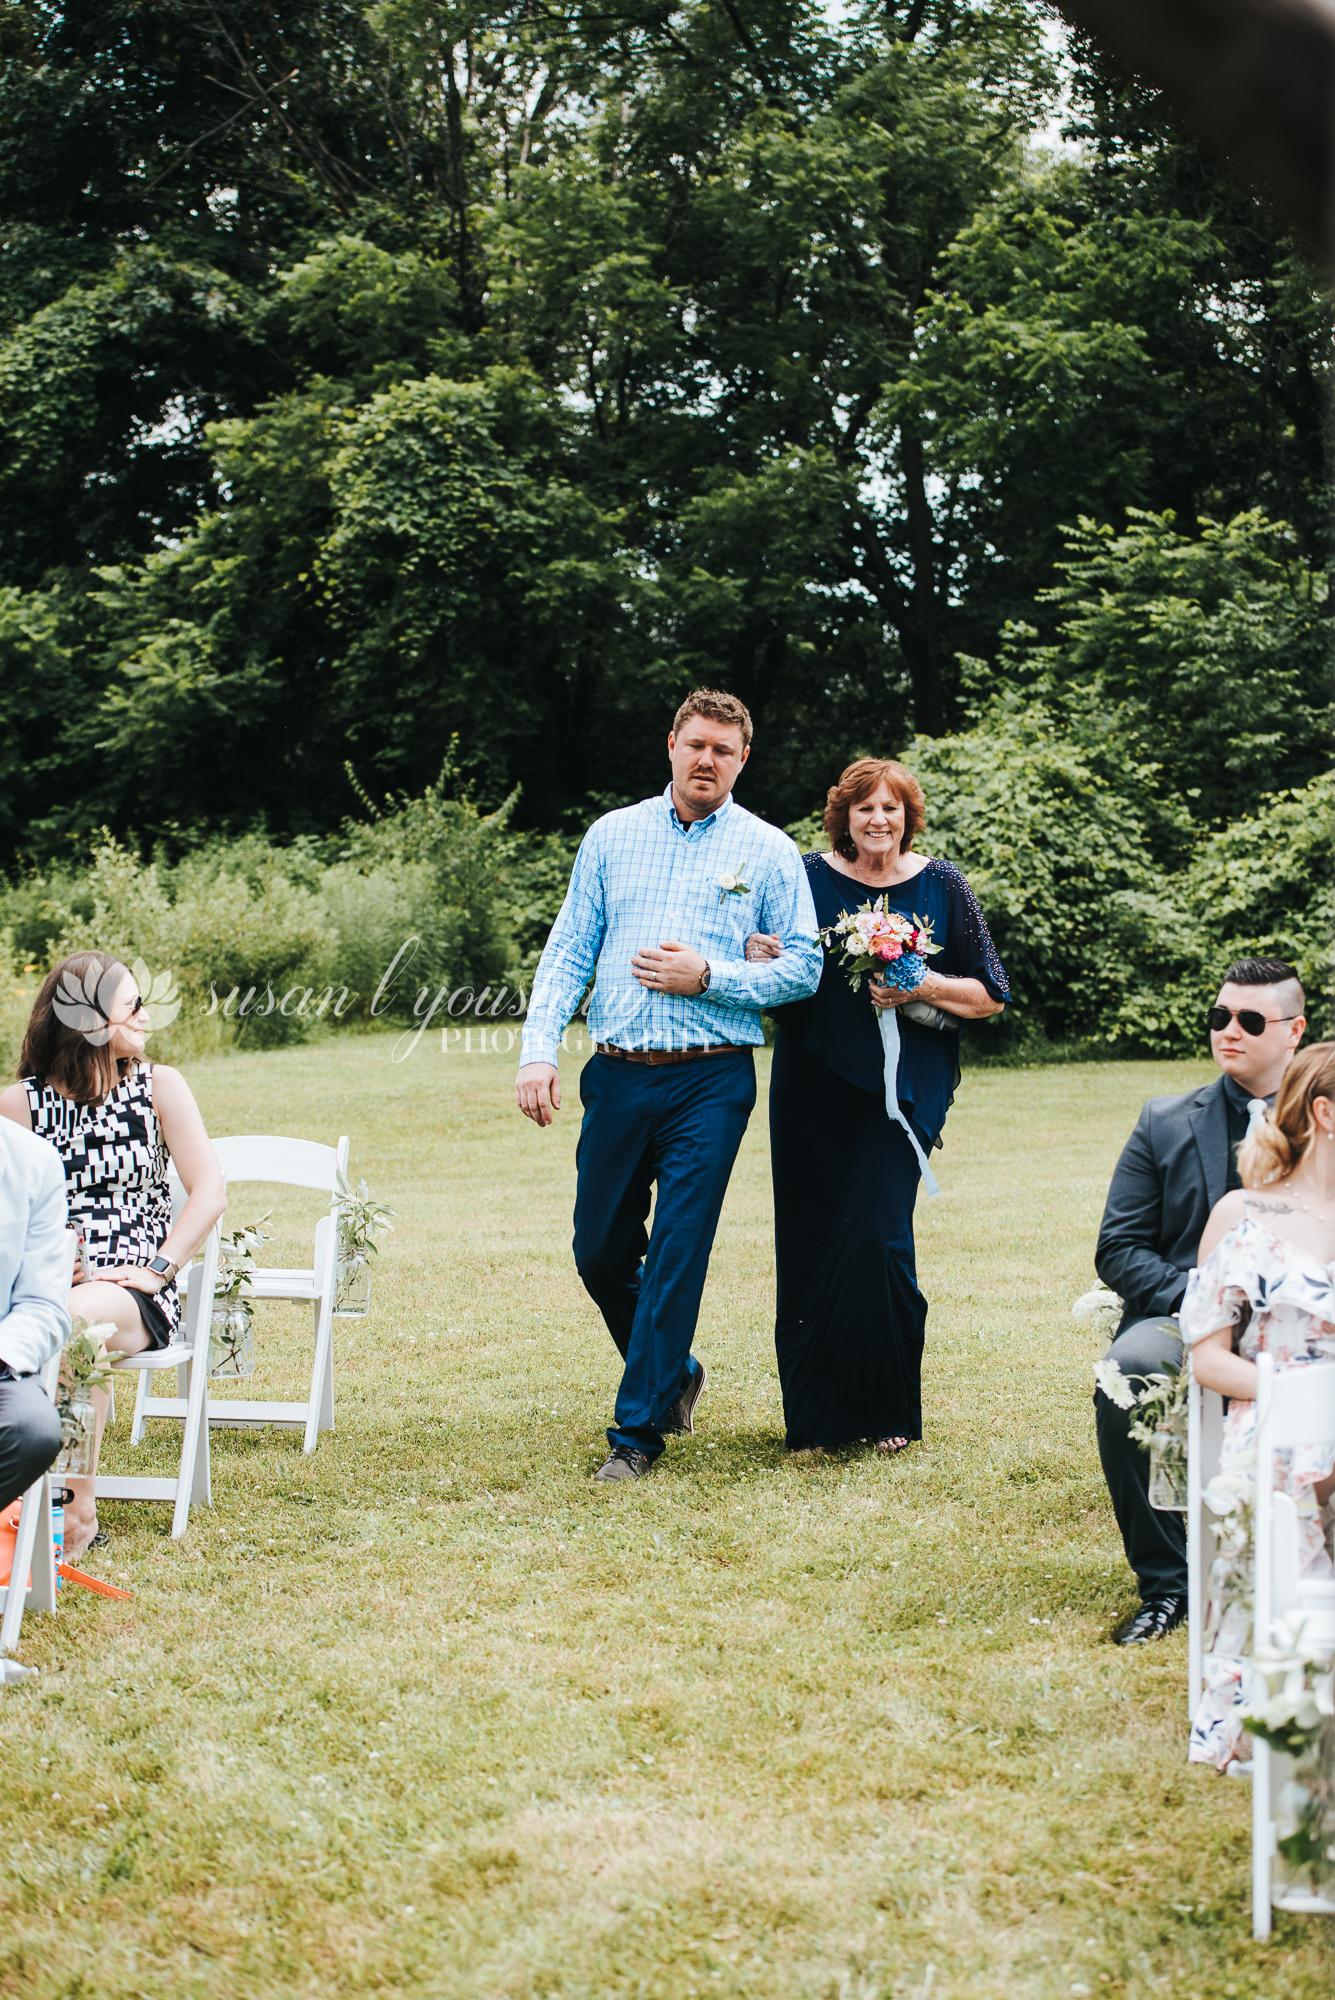 Erin and Jason Wedding Photos 07-06-2019 SLY Photography-80.jpg